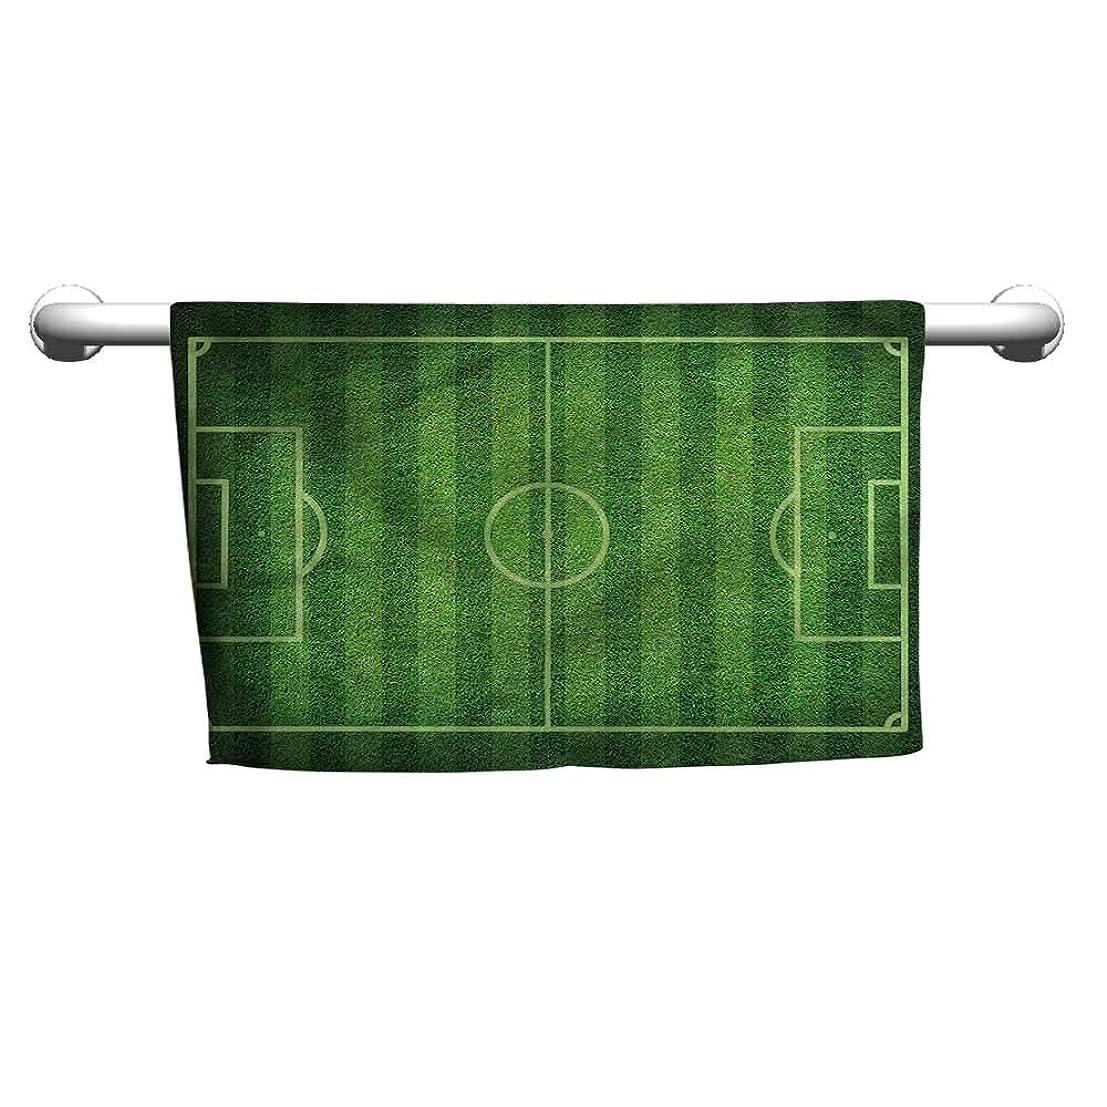 ニュース失望リースBensonsve タオル 男の子の部屋 グリーンの芝生 サッカー マイクロファイバーヘアタオル カールヘア用